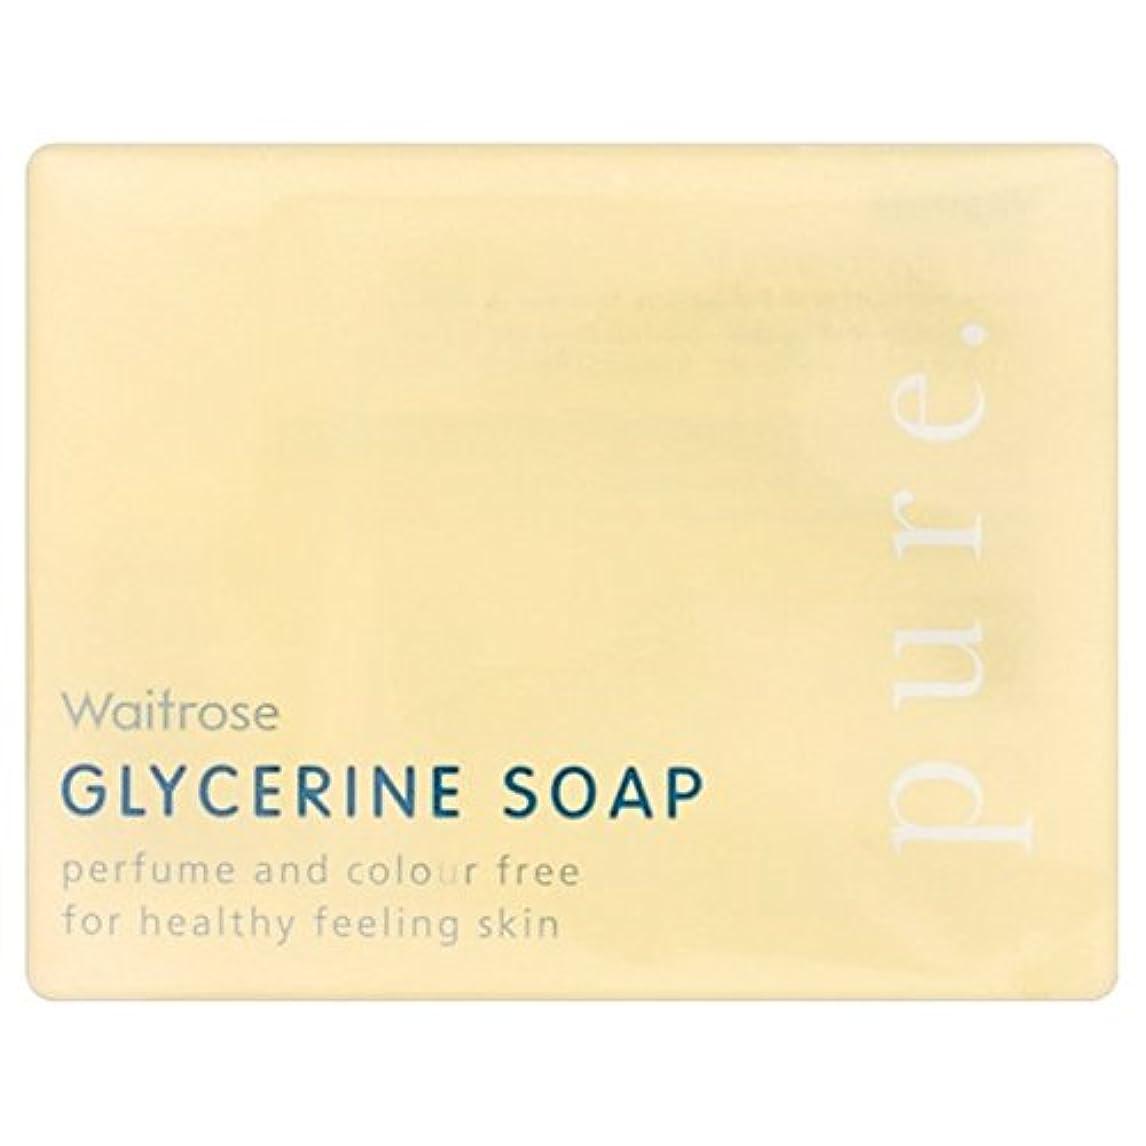 毒液に賛成時間とともに純粋なグリセリンソープウェイトローズの100グラム x2 - Pure Glycerine Soap Waitrose 100g (Pack of 2) [並行輸入品]